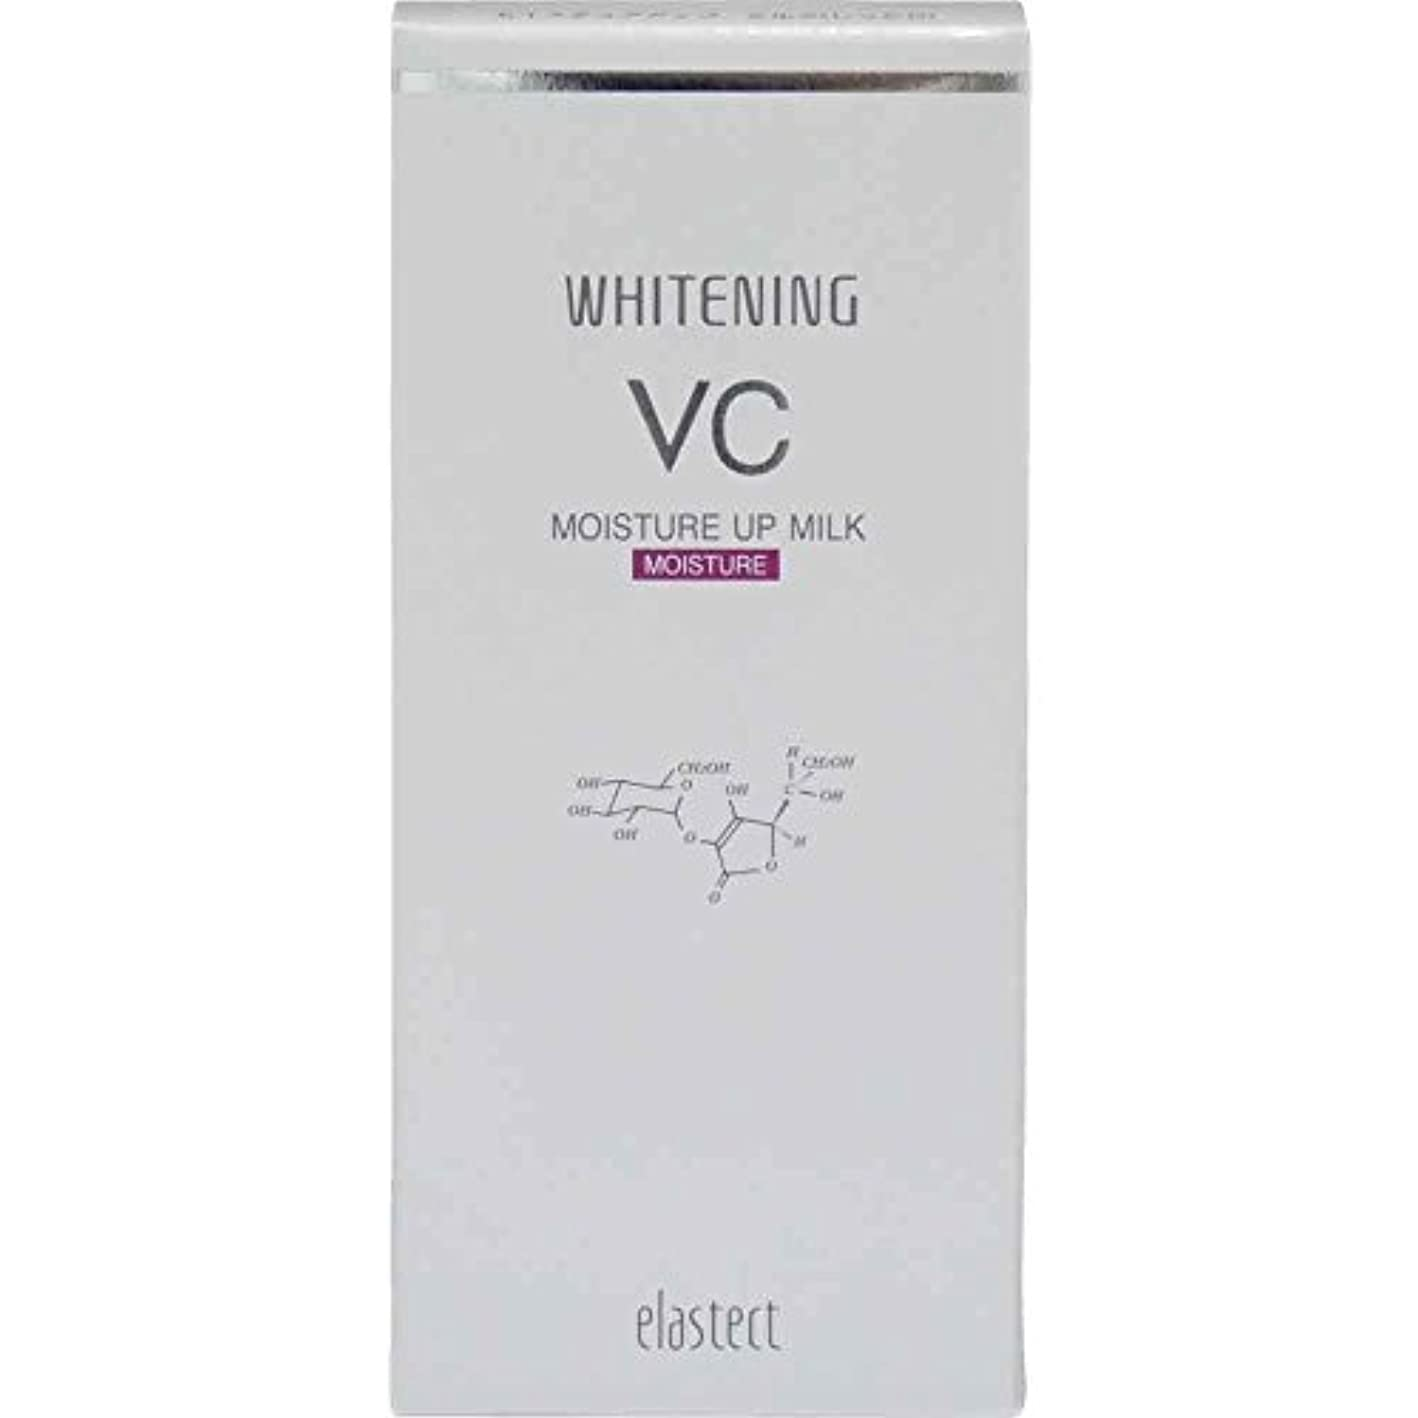 見出しカバレッジ落胆するエラステクト ホワイトニング モイスチュアアップミルクVC(M) しっとりタイプ 120mL 【医薬部外品】